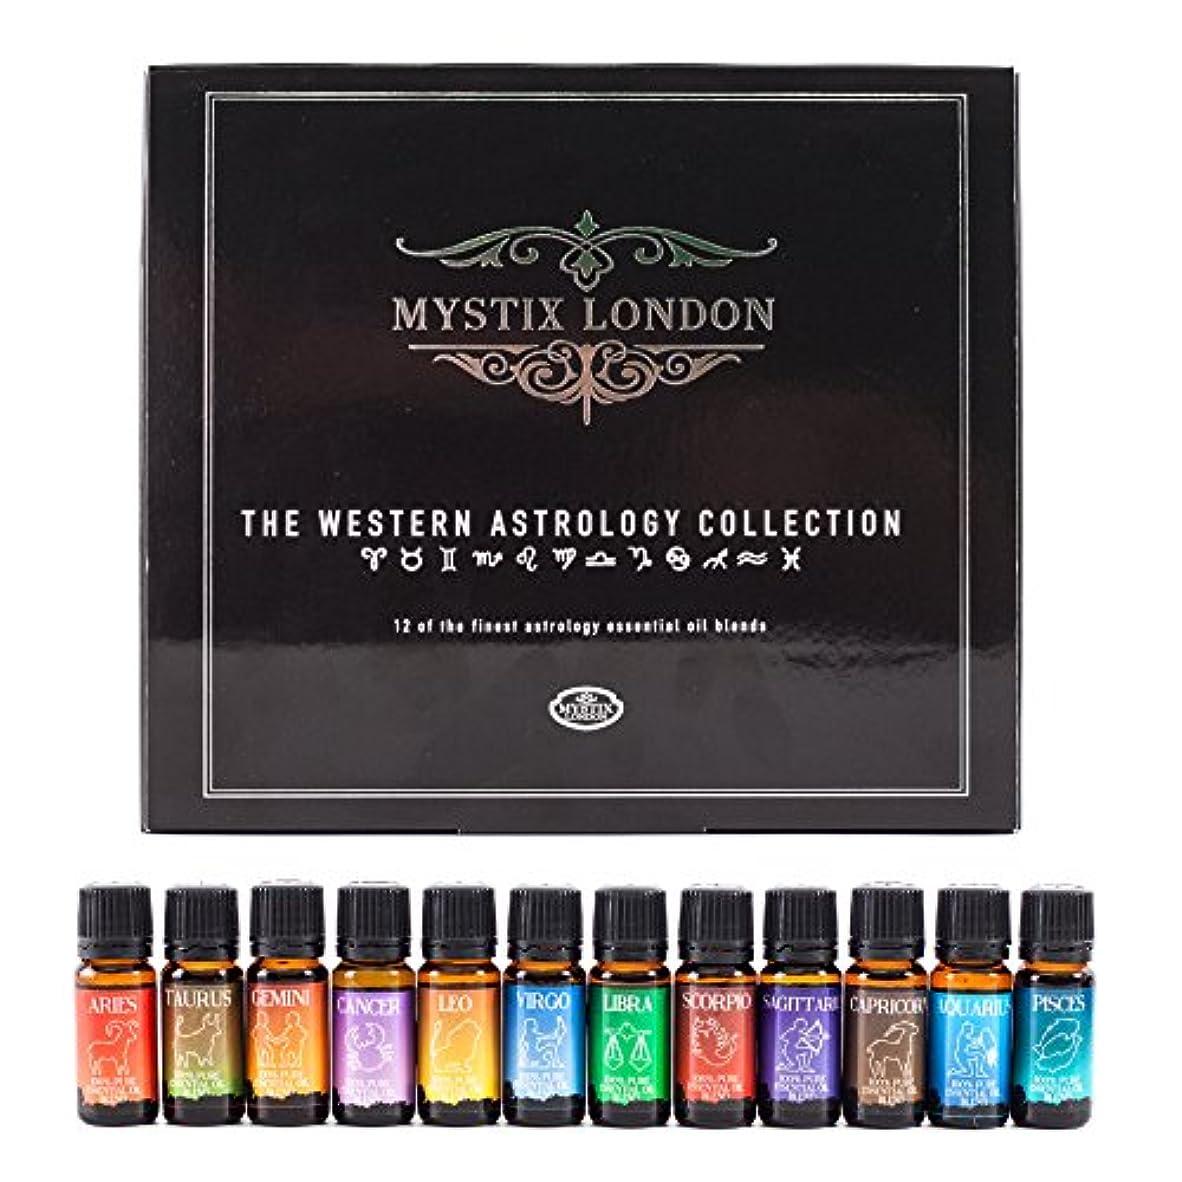 突然ジャンクトイレMystix London | The Western Astrology Collection 12 x 10ml 100% Pure Essential Oil Blends